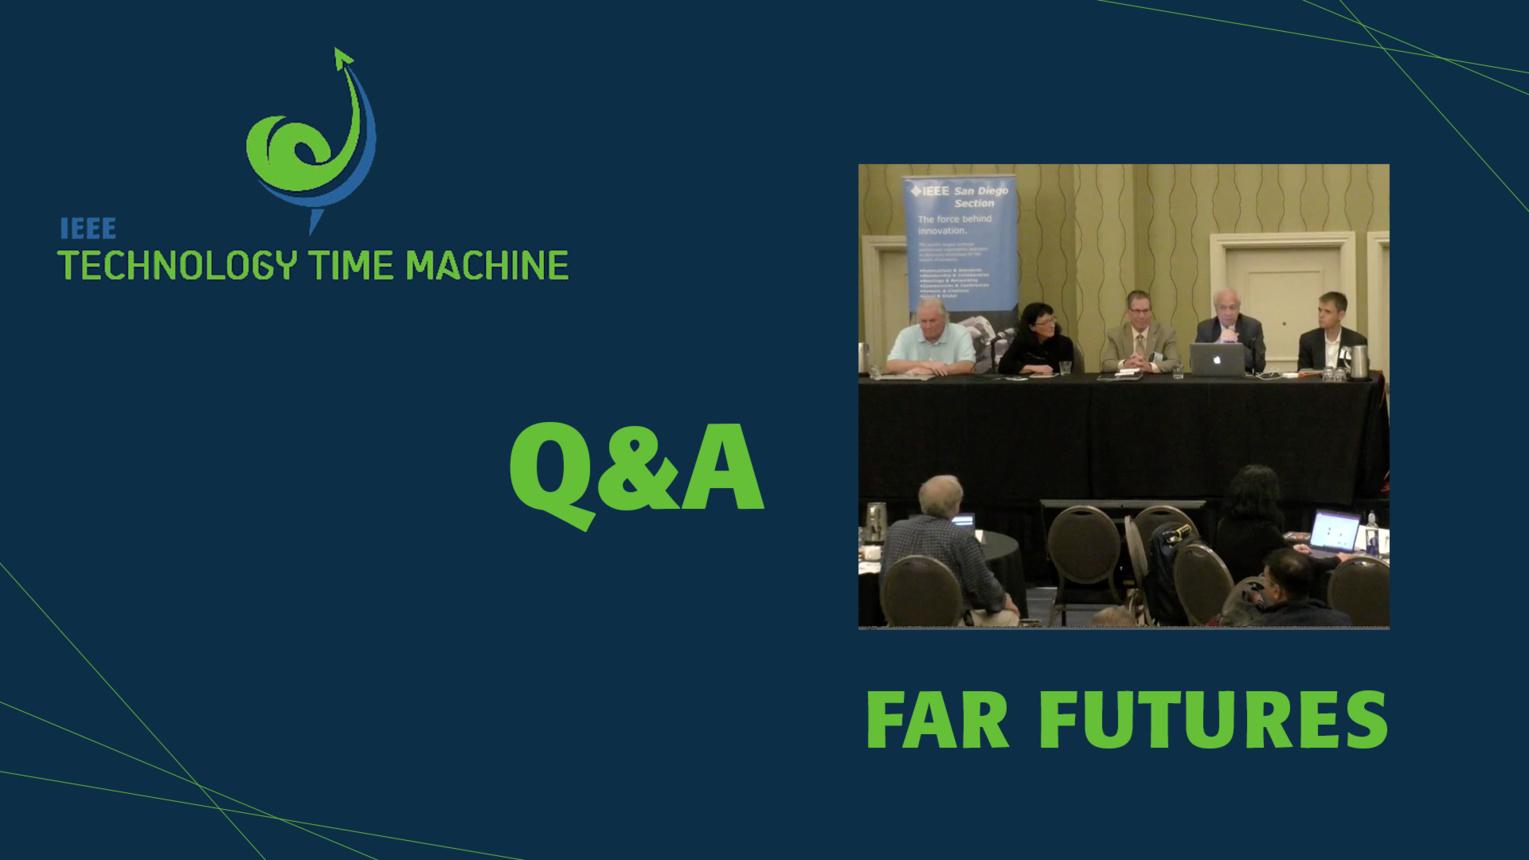 Q&A: Far Futures Panel - TTM 2018